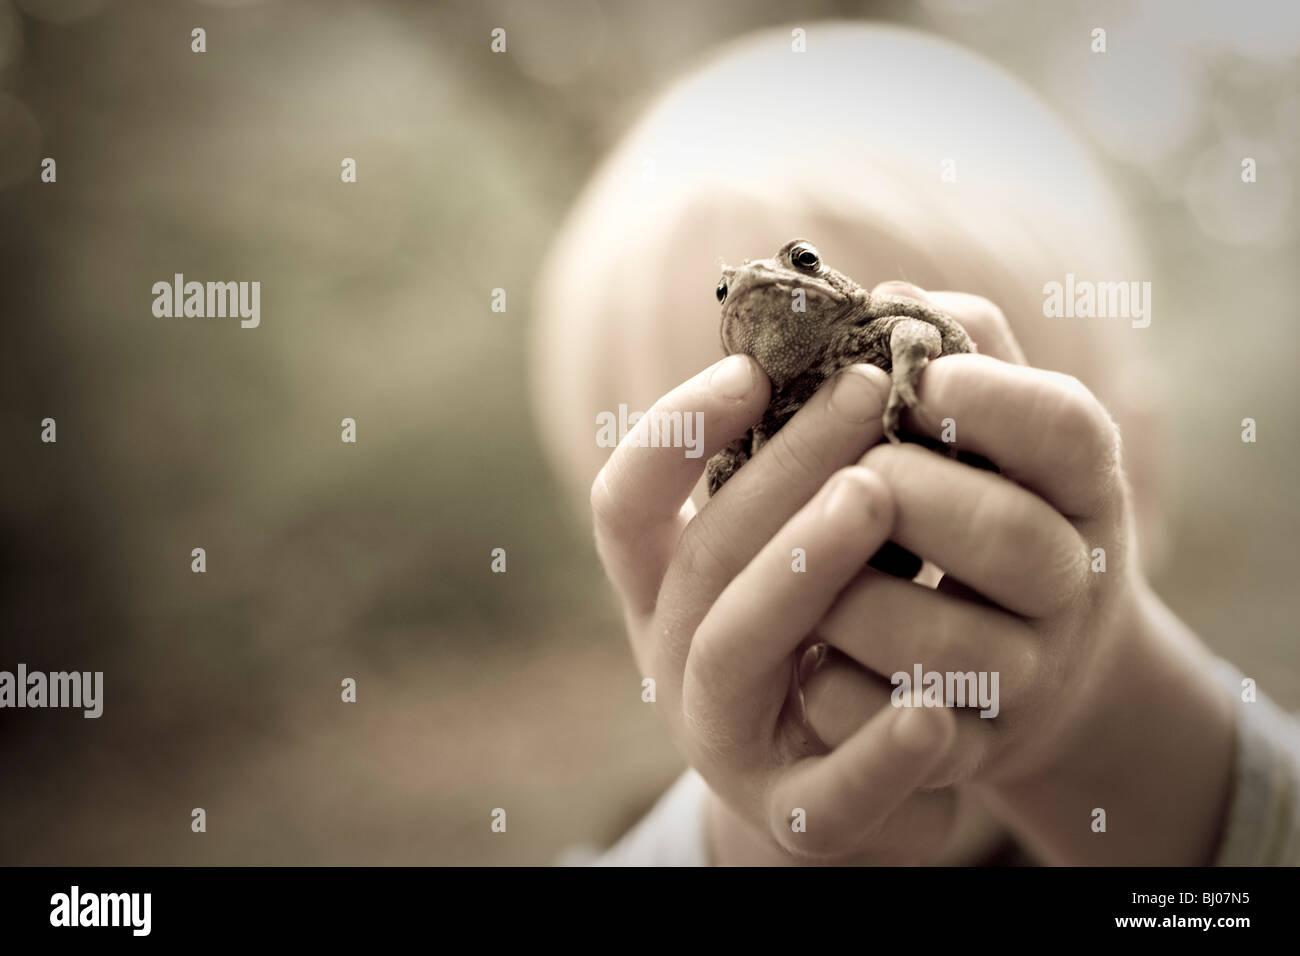 Un giovane bambino tenendo in mano un rospo. Immagini Stock